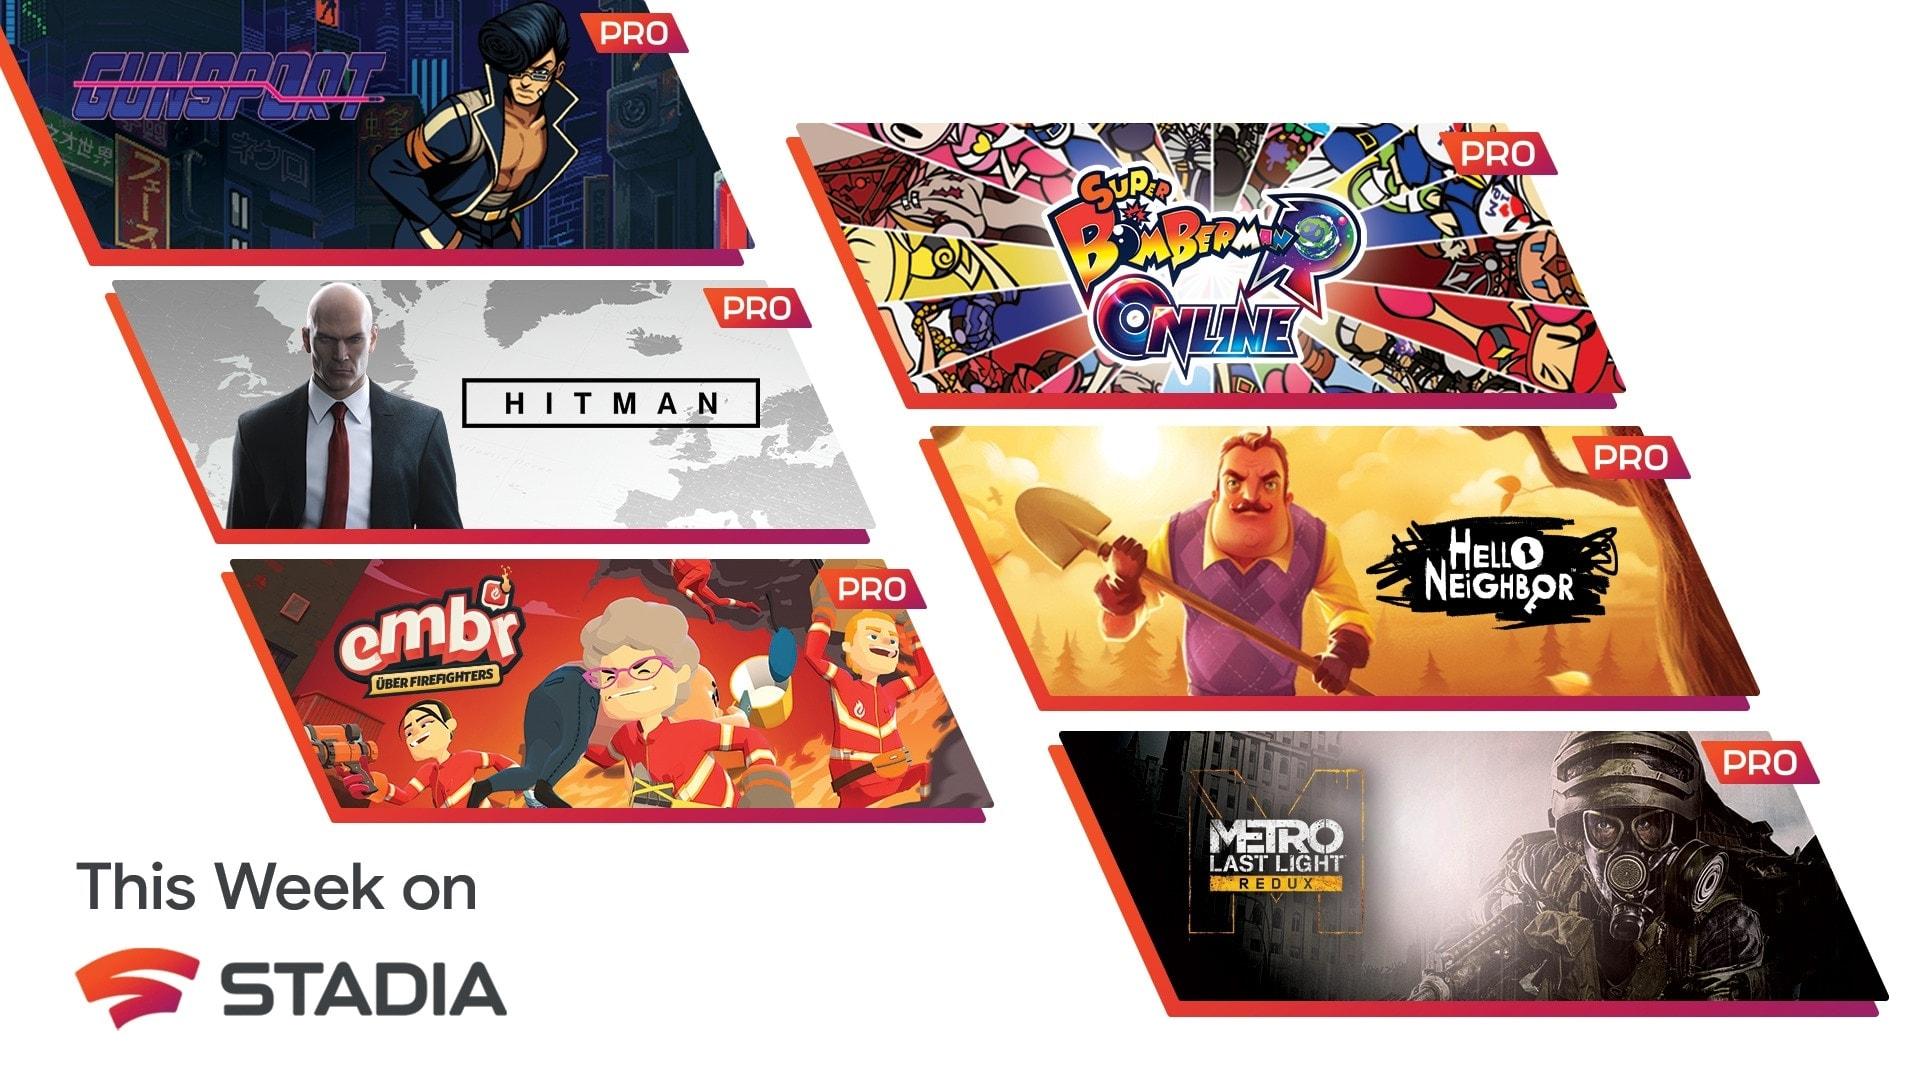 Gli utenti Stadia Pro a settembre bisbocciano con 6 giochi gratis, e Marvel's Avengers può essere giocato in anticipo